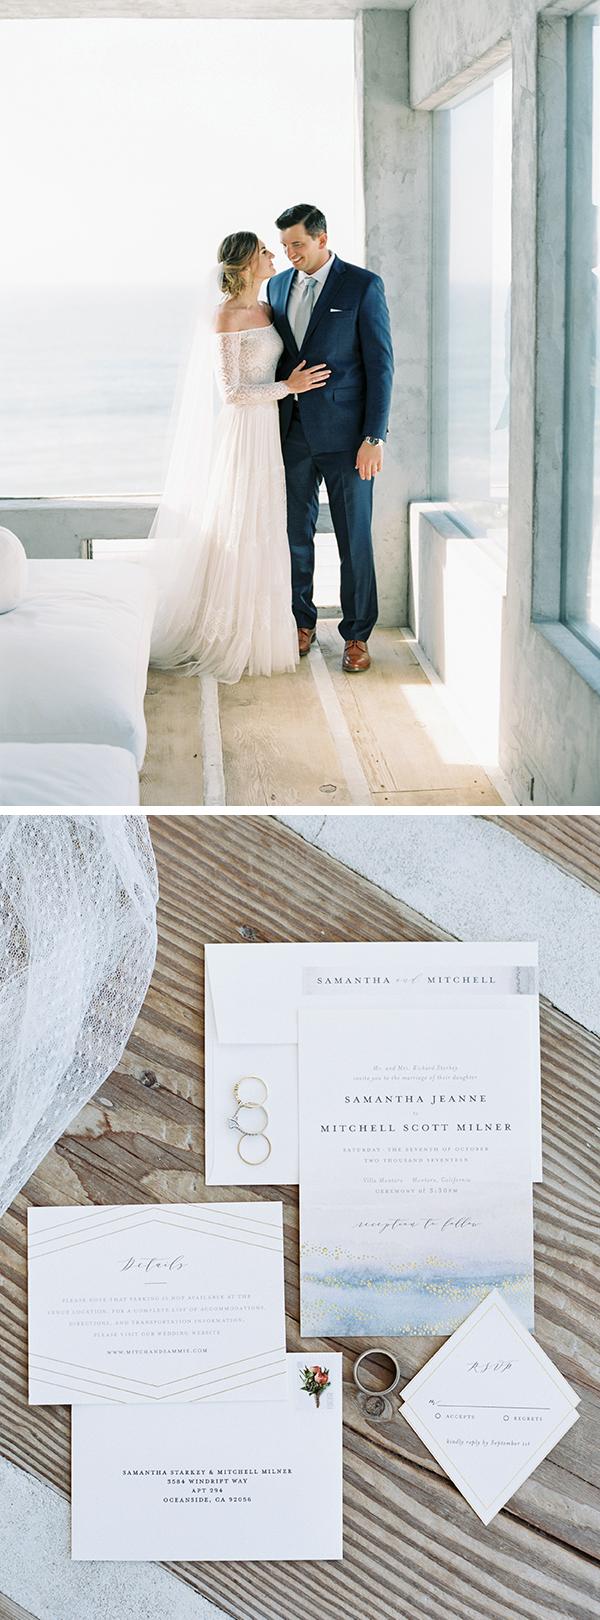 minted-wedding-invitation-beach-wedding